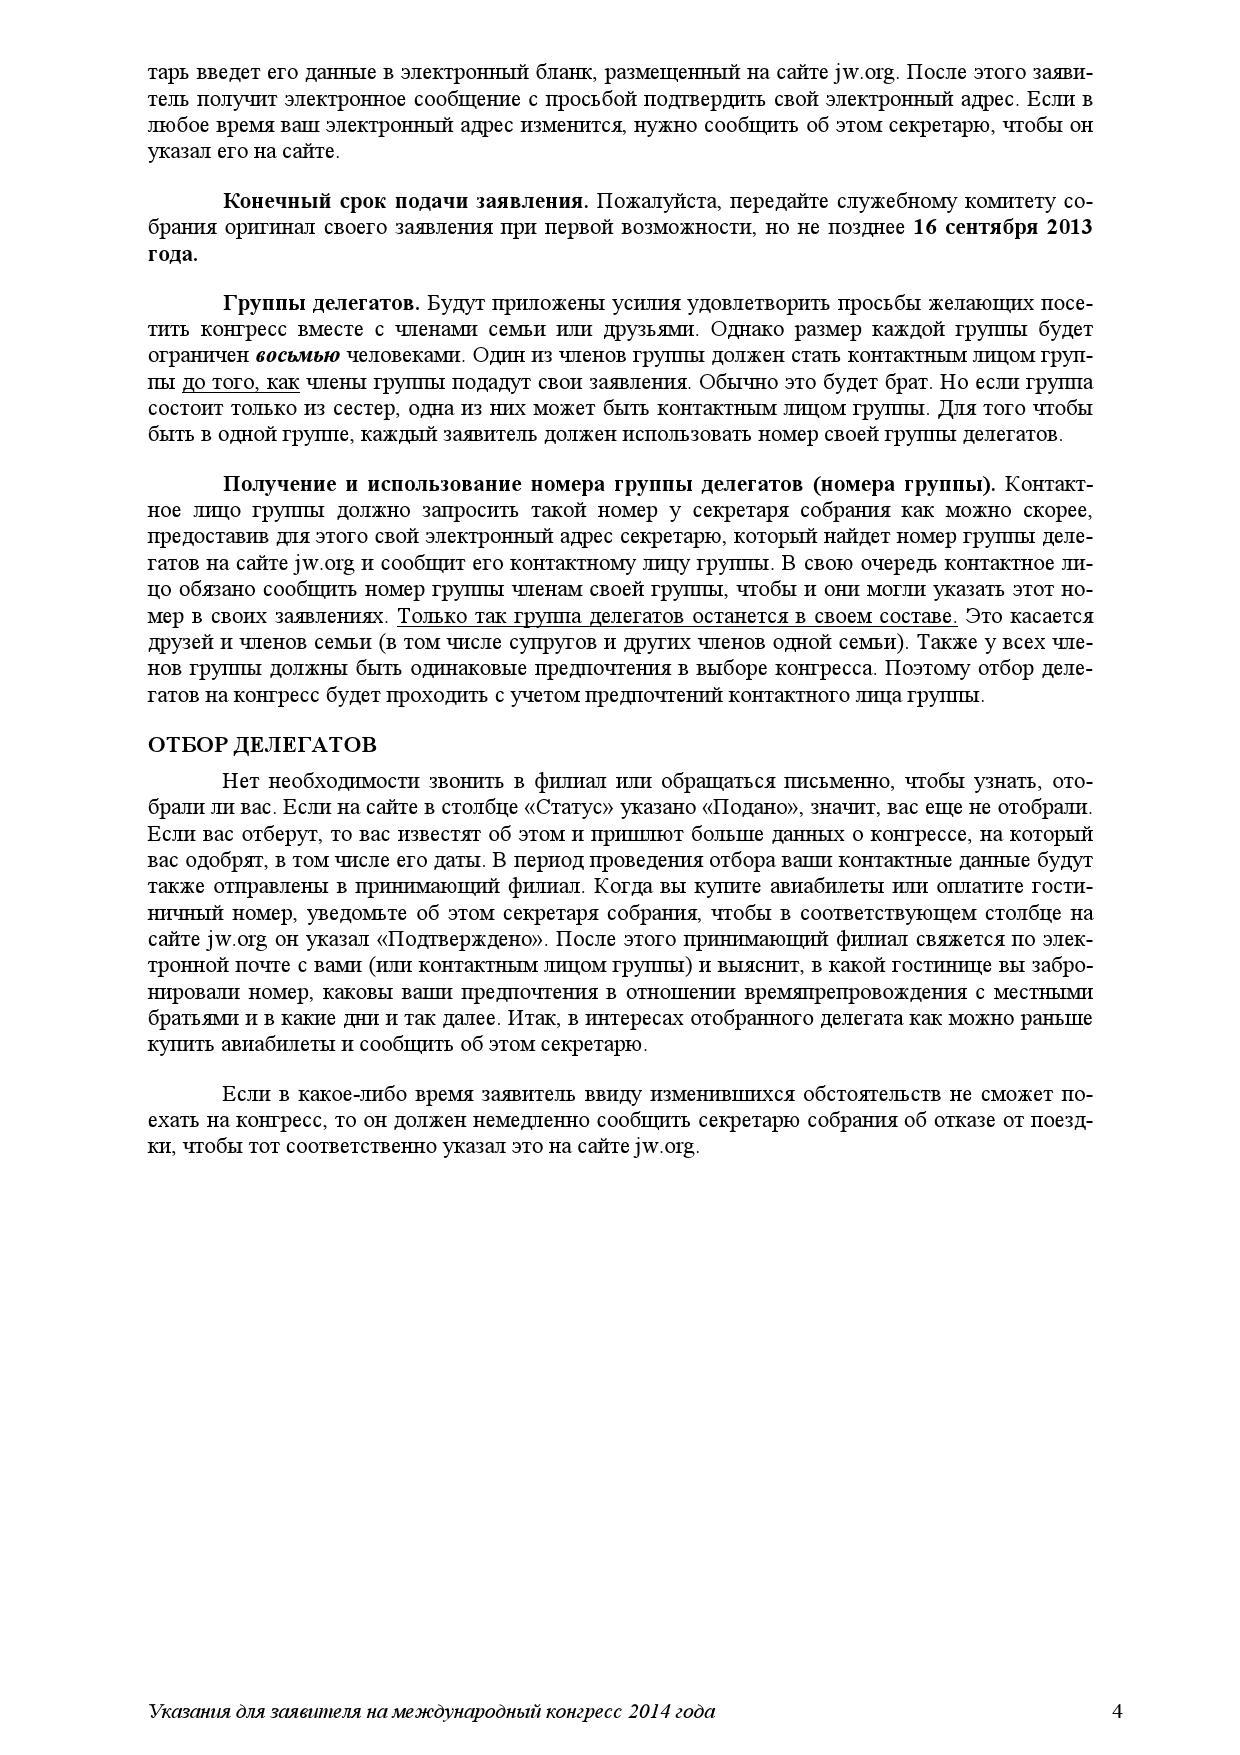 L-20130731b-U-Ru-CSC (отмена примерности, расходы, отказ от турагенств)___000004